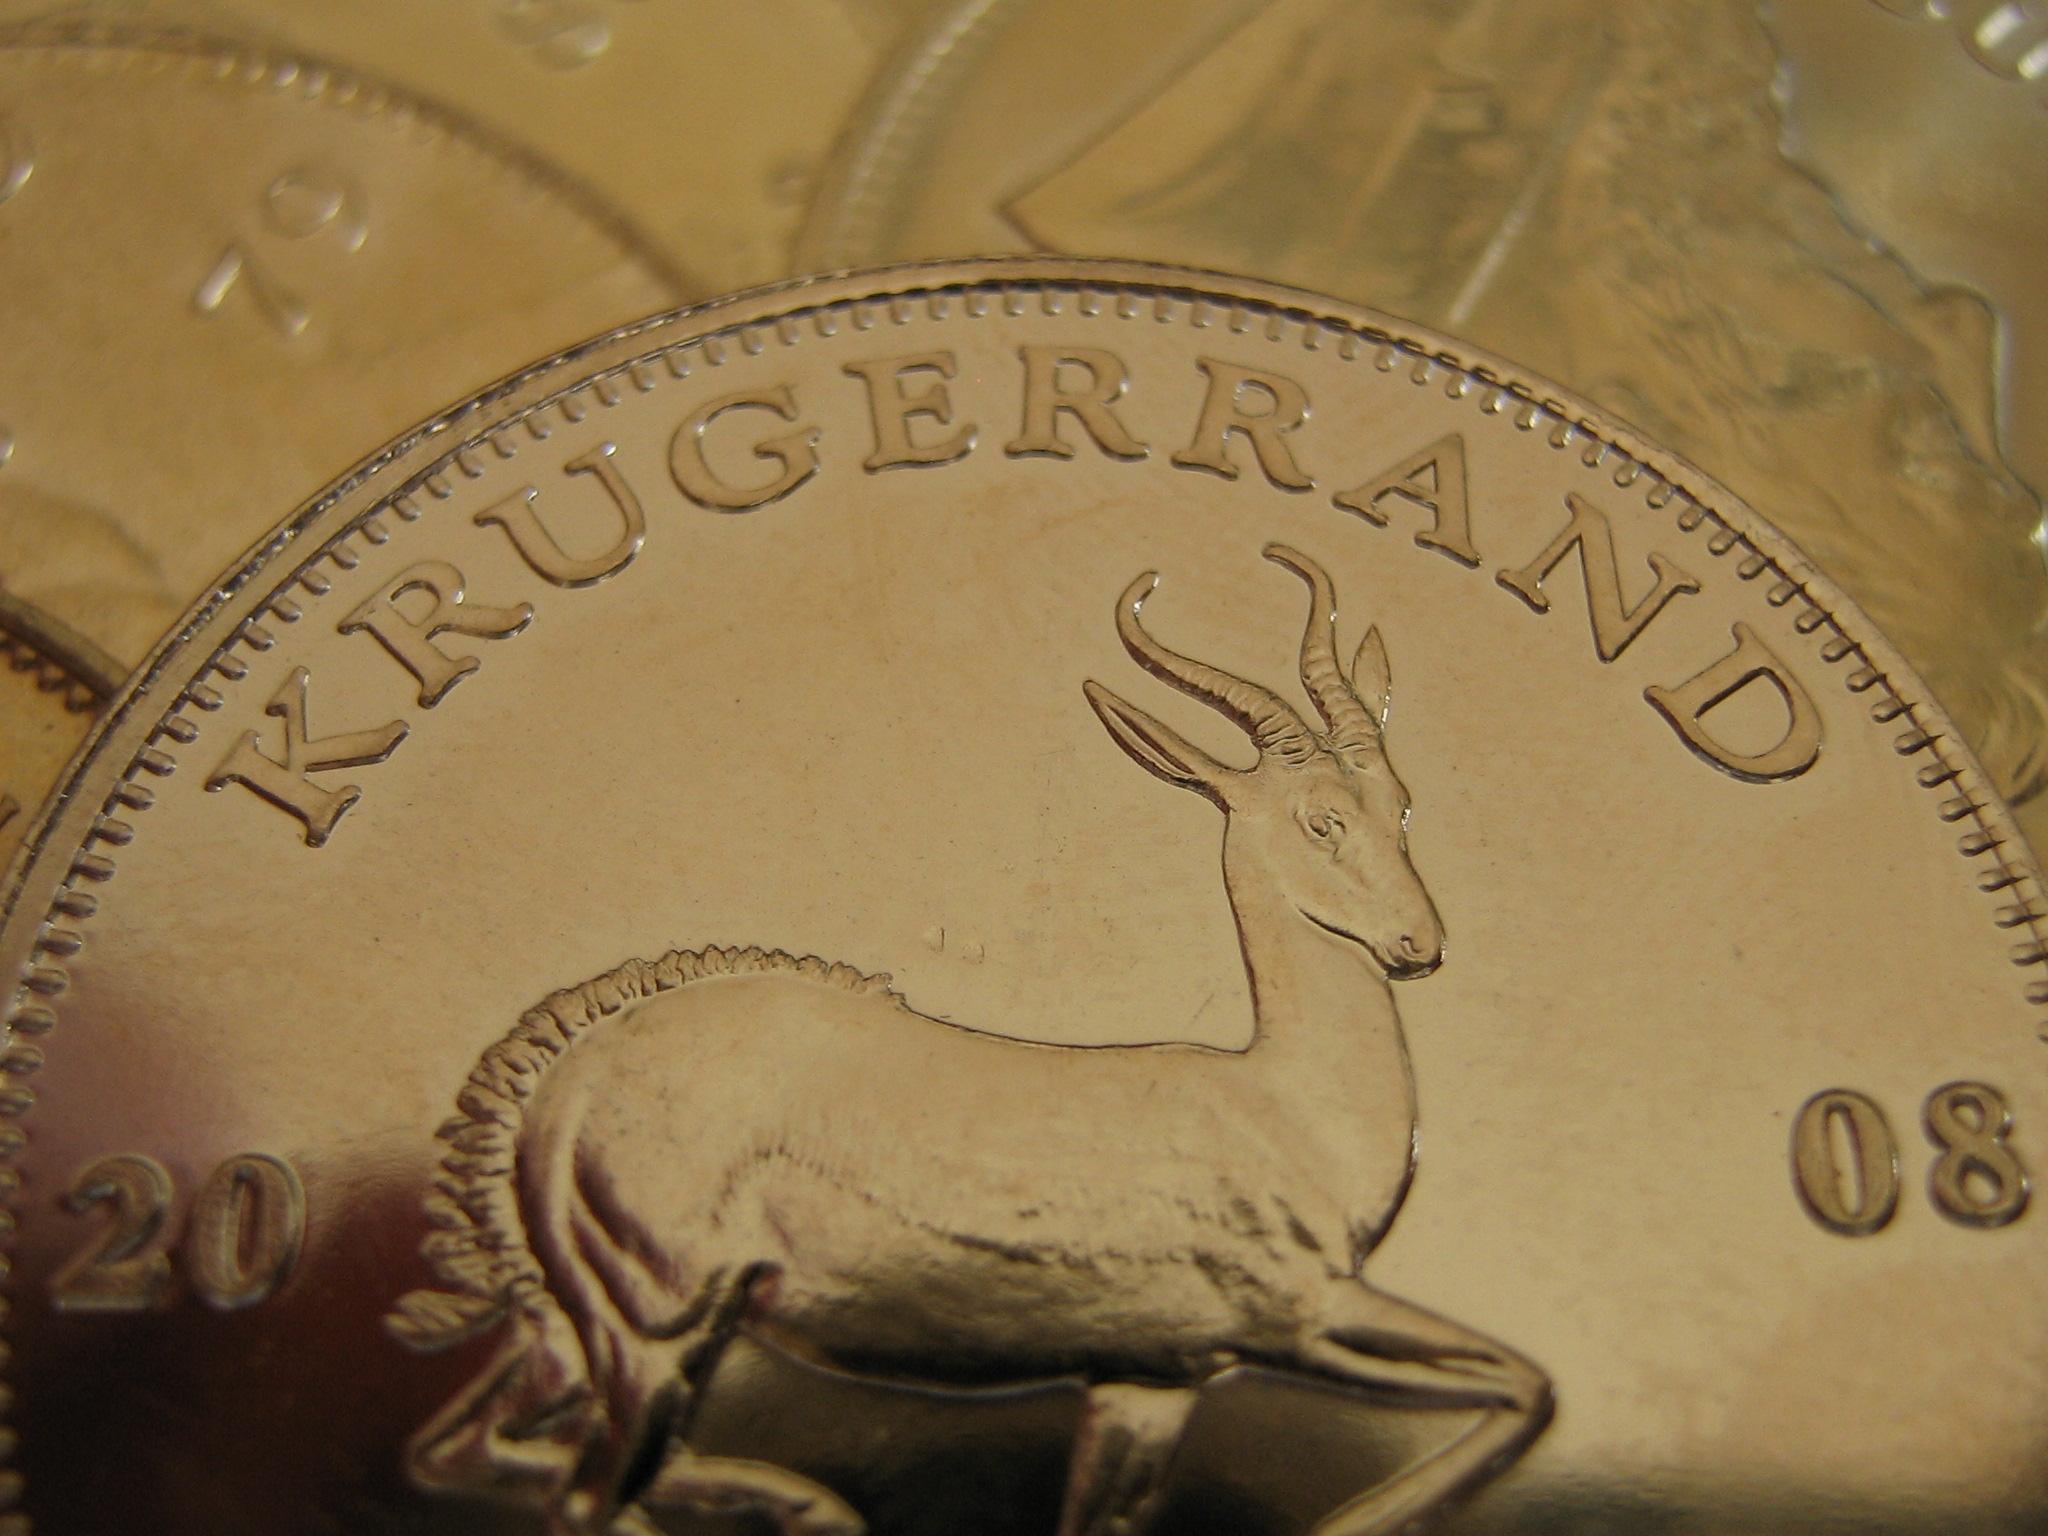 Goldpreis soll auch gemäß BNP Paribas in 2012 weiter steigen